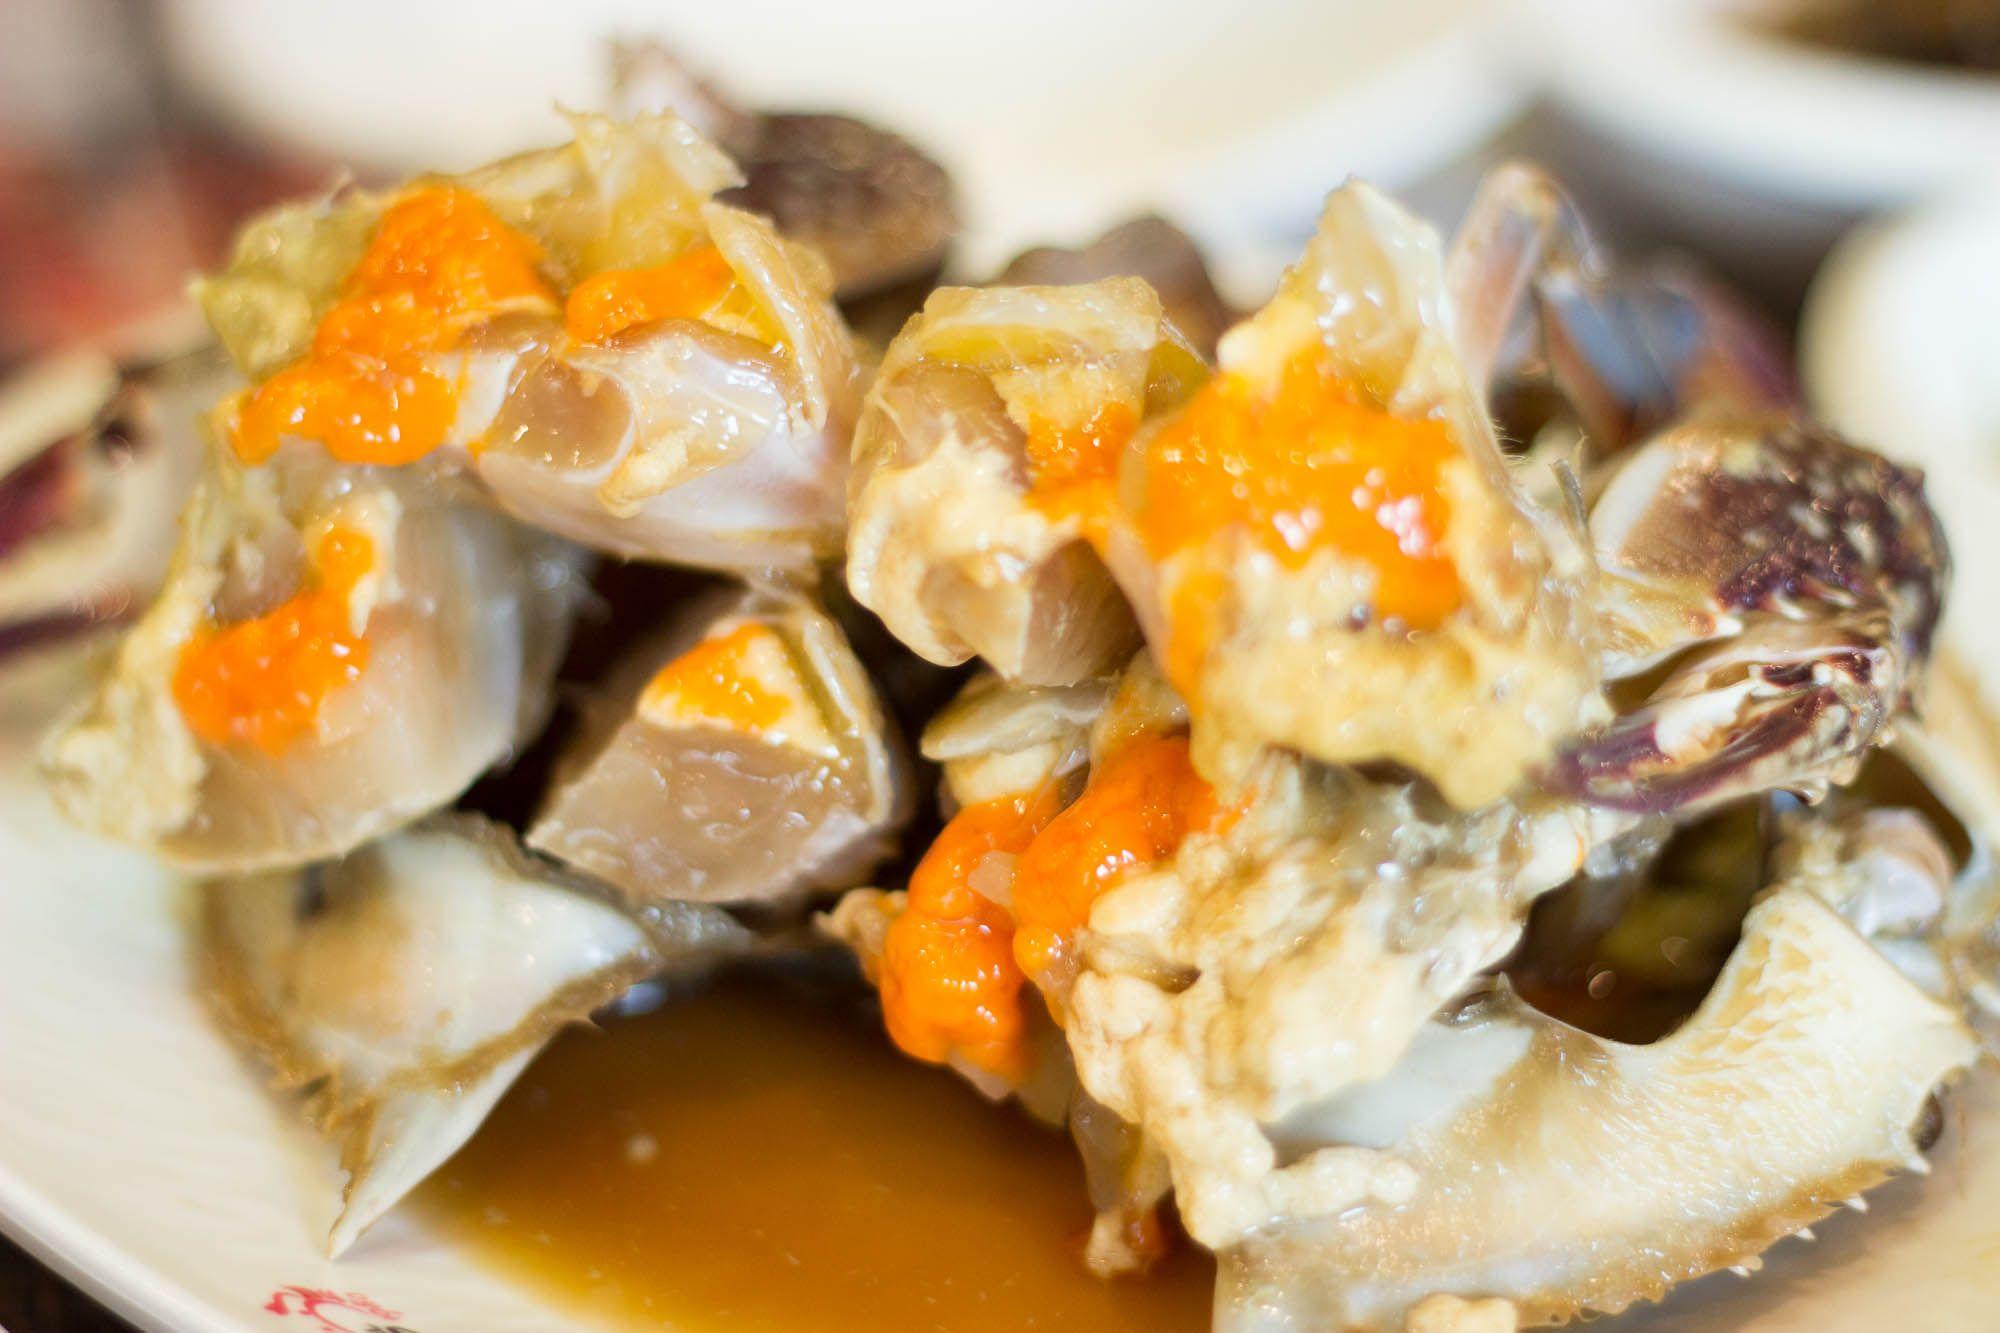 간장게장 @ 프로간장게장. 명불허전-- 정말 맛있지만 가격대가 ㅎㄷㄷ 싸고 맛있는 간장게장집 어디 없나요??? #foodle #신사역 #맛집 #간장게장 #pickledCrabs #koreanFood